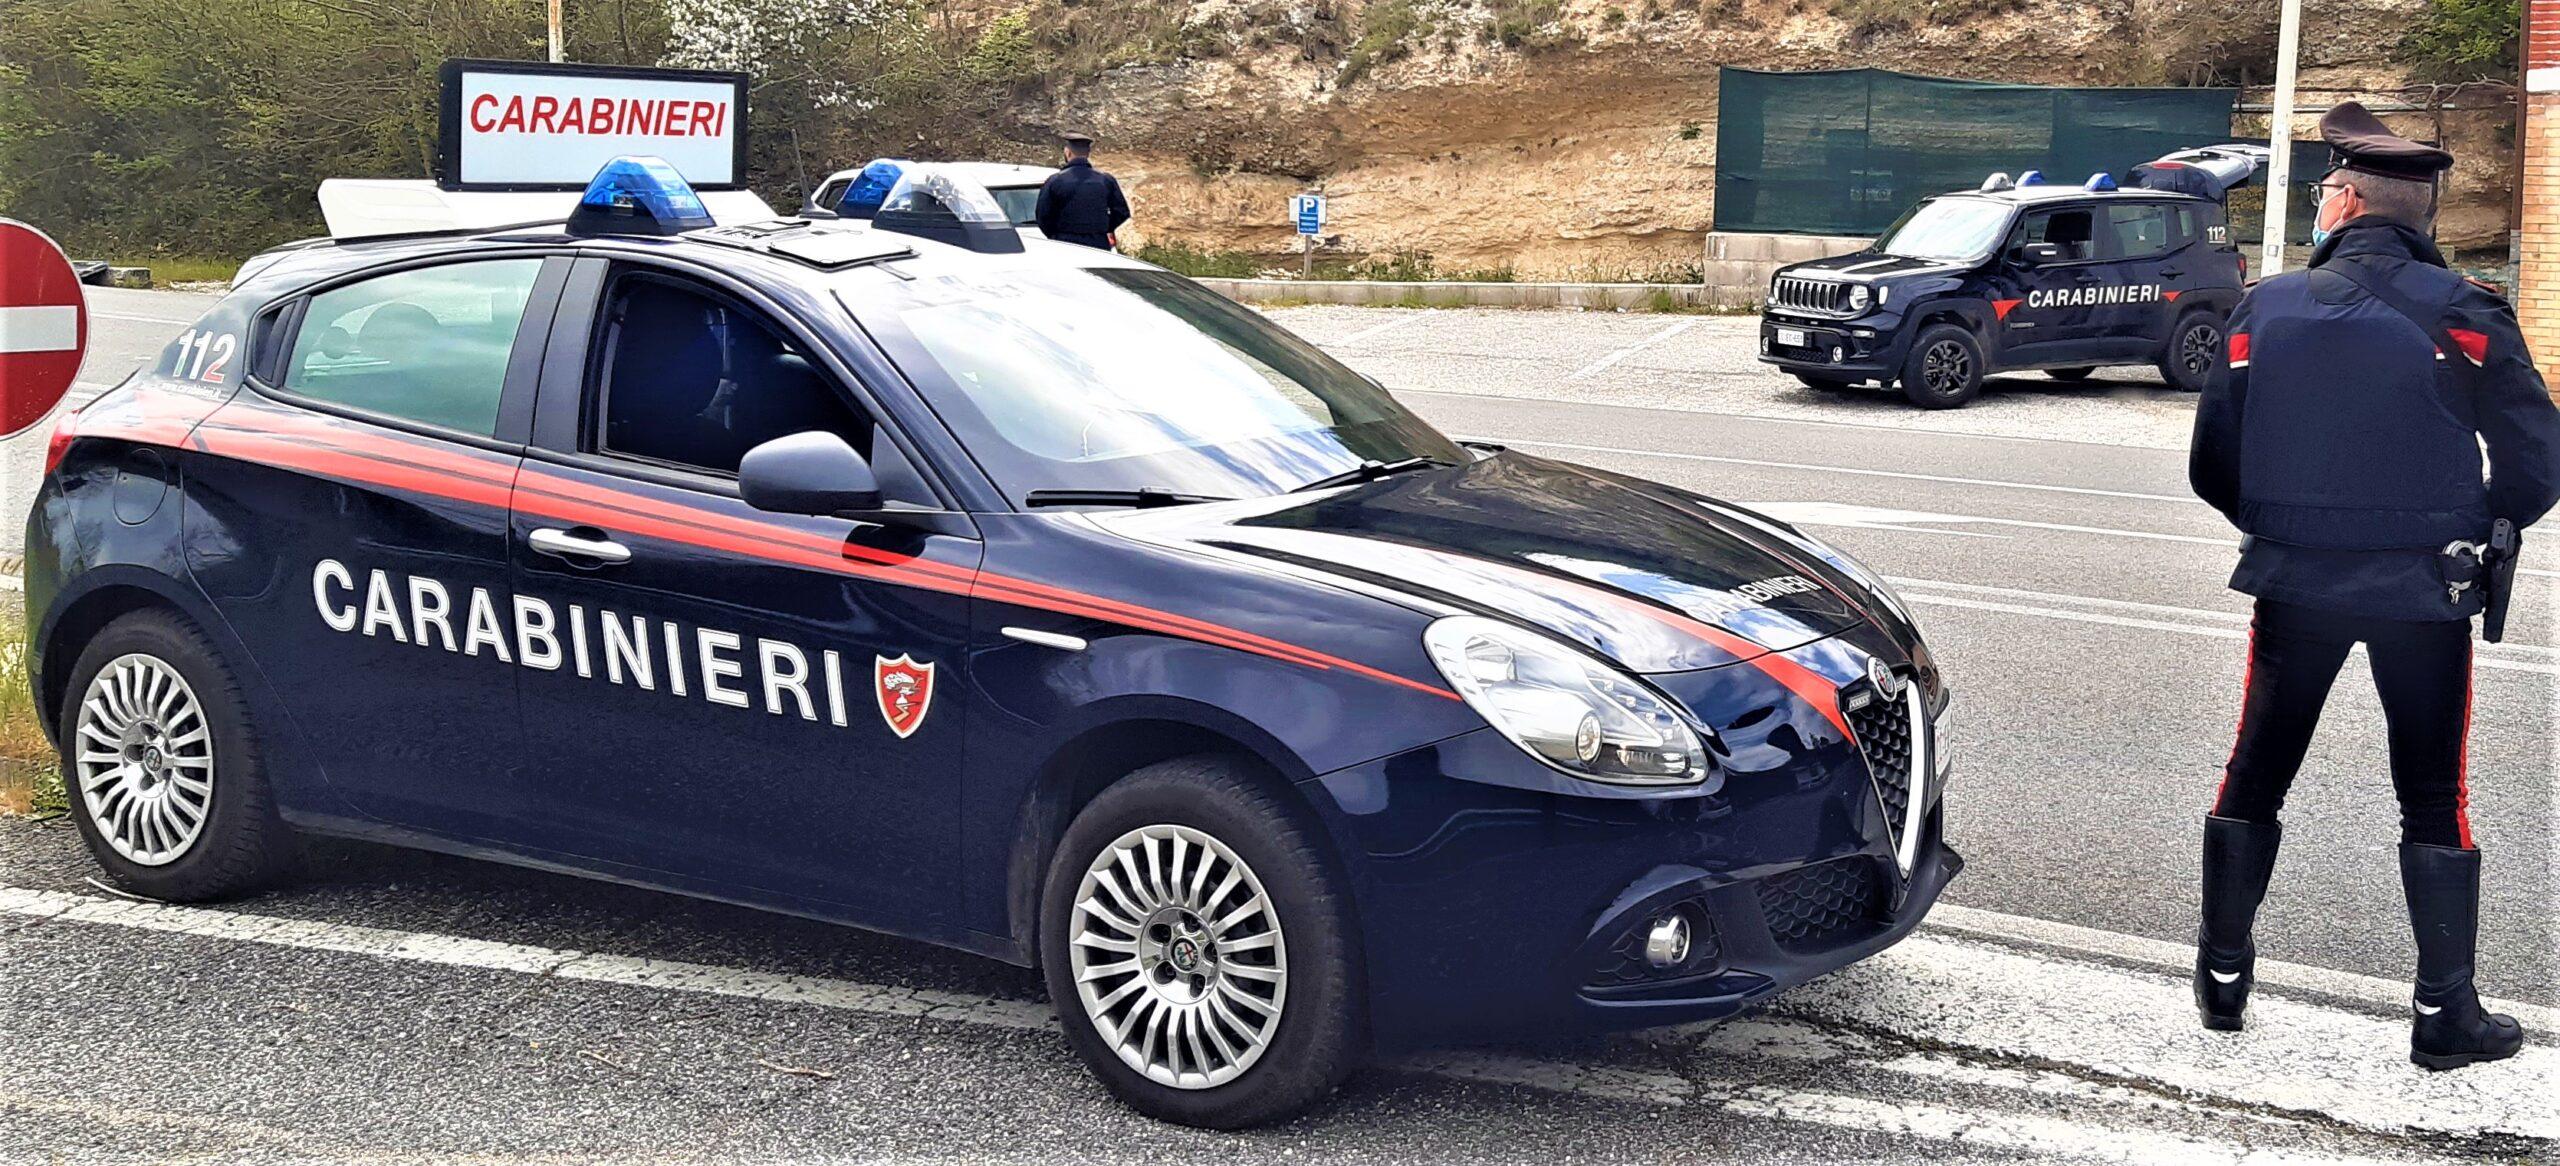 Rieti, Carabinieri: un arresto nel corso di un servizio straordinario di controllo del territorio